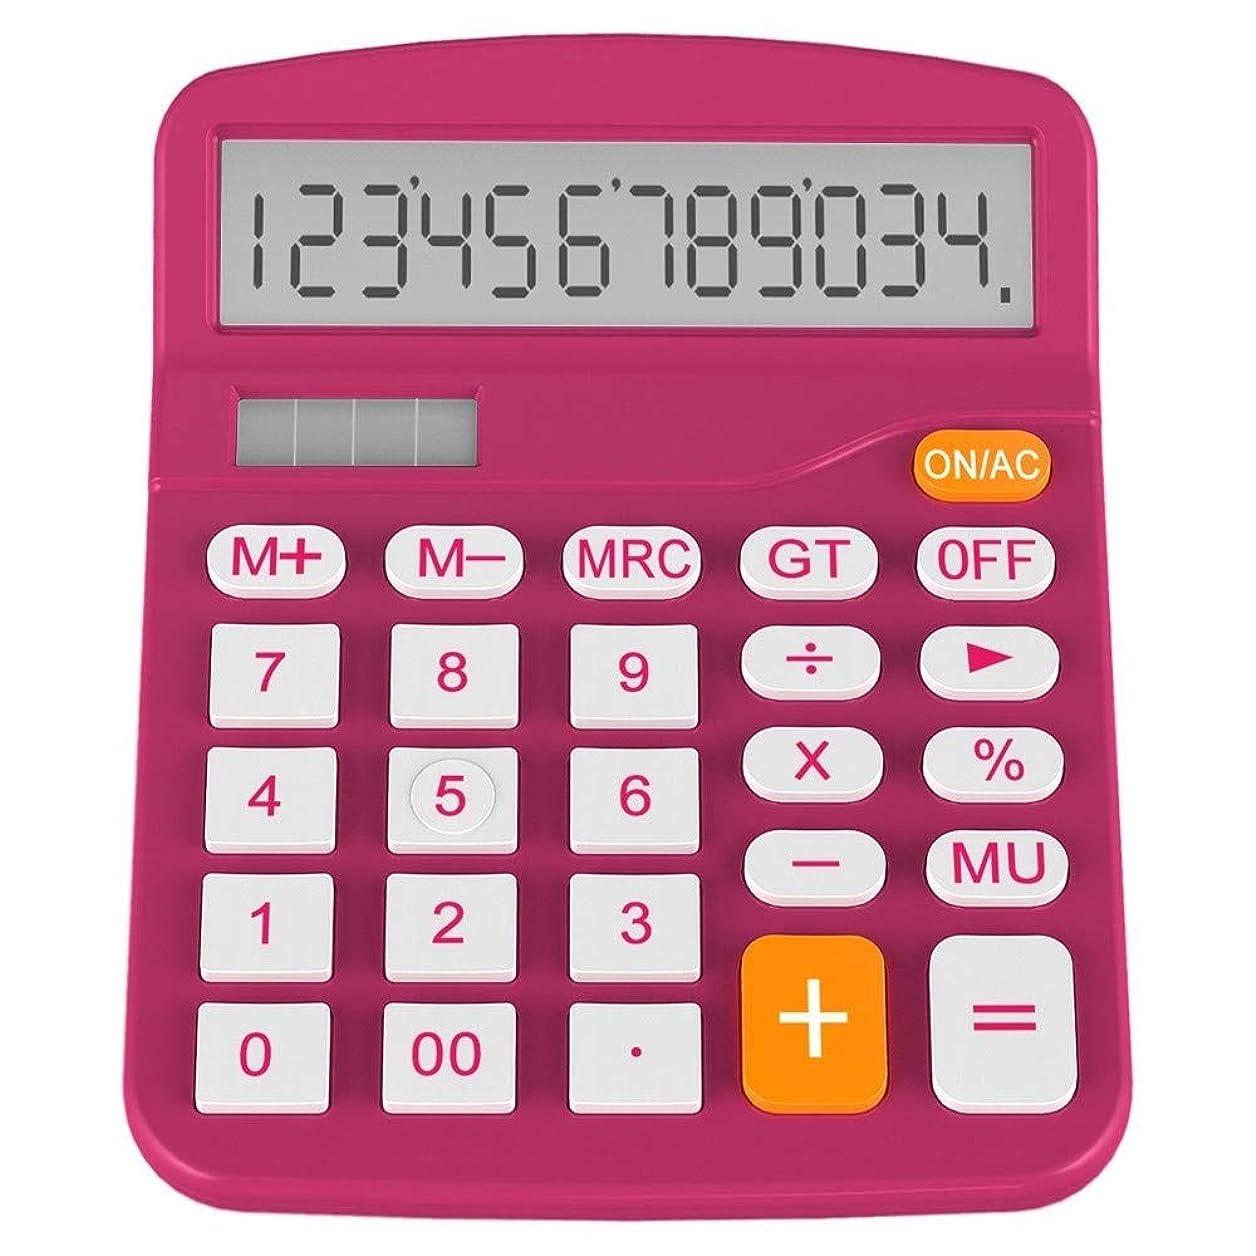 団結する災難才能のあるPlum 卓上電卓 ベーシック オフィス ビジネス 家庭 スタンダード ソーラー 大きなディスプレイ